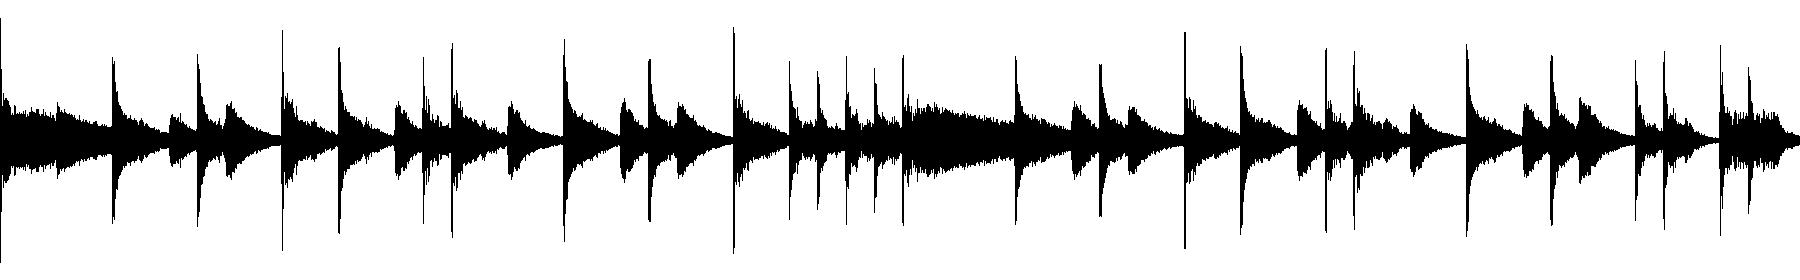 mk beaks 12 136 bpm